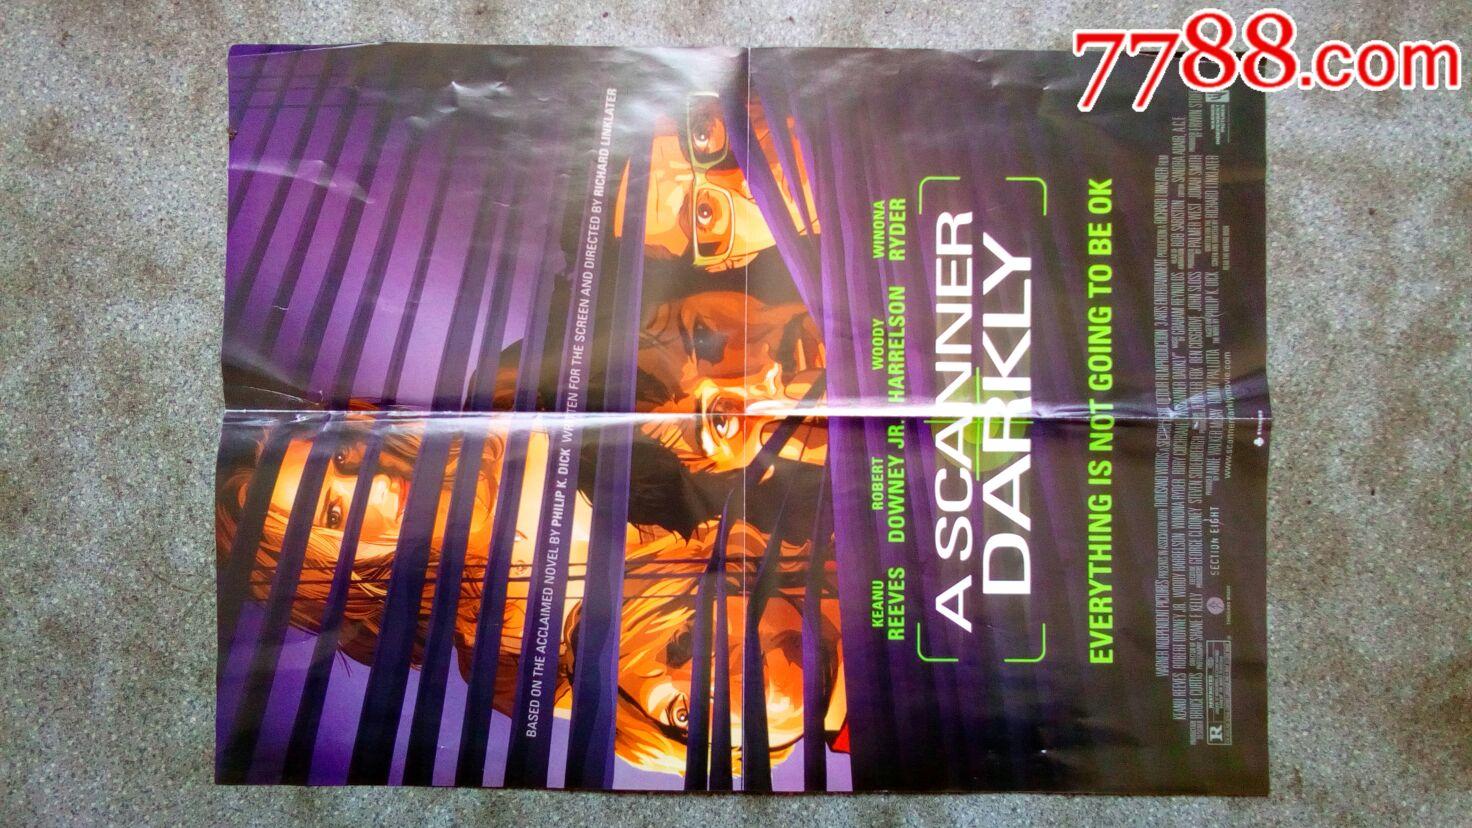 电影海报--加菲猫2之双猫记/黑暗扫描仪(看电影)4开8品